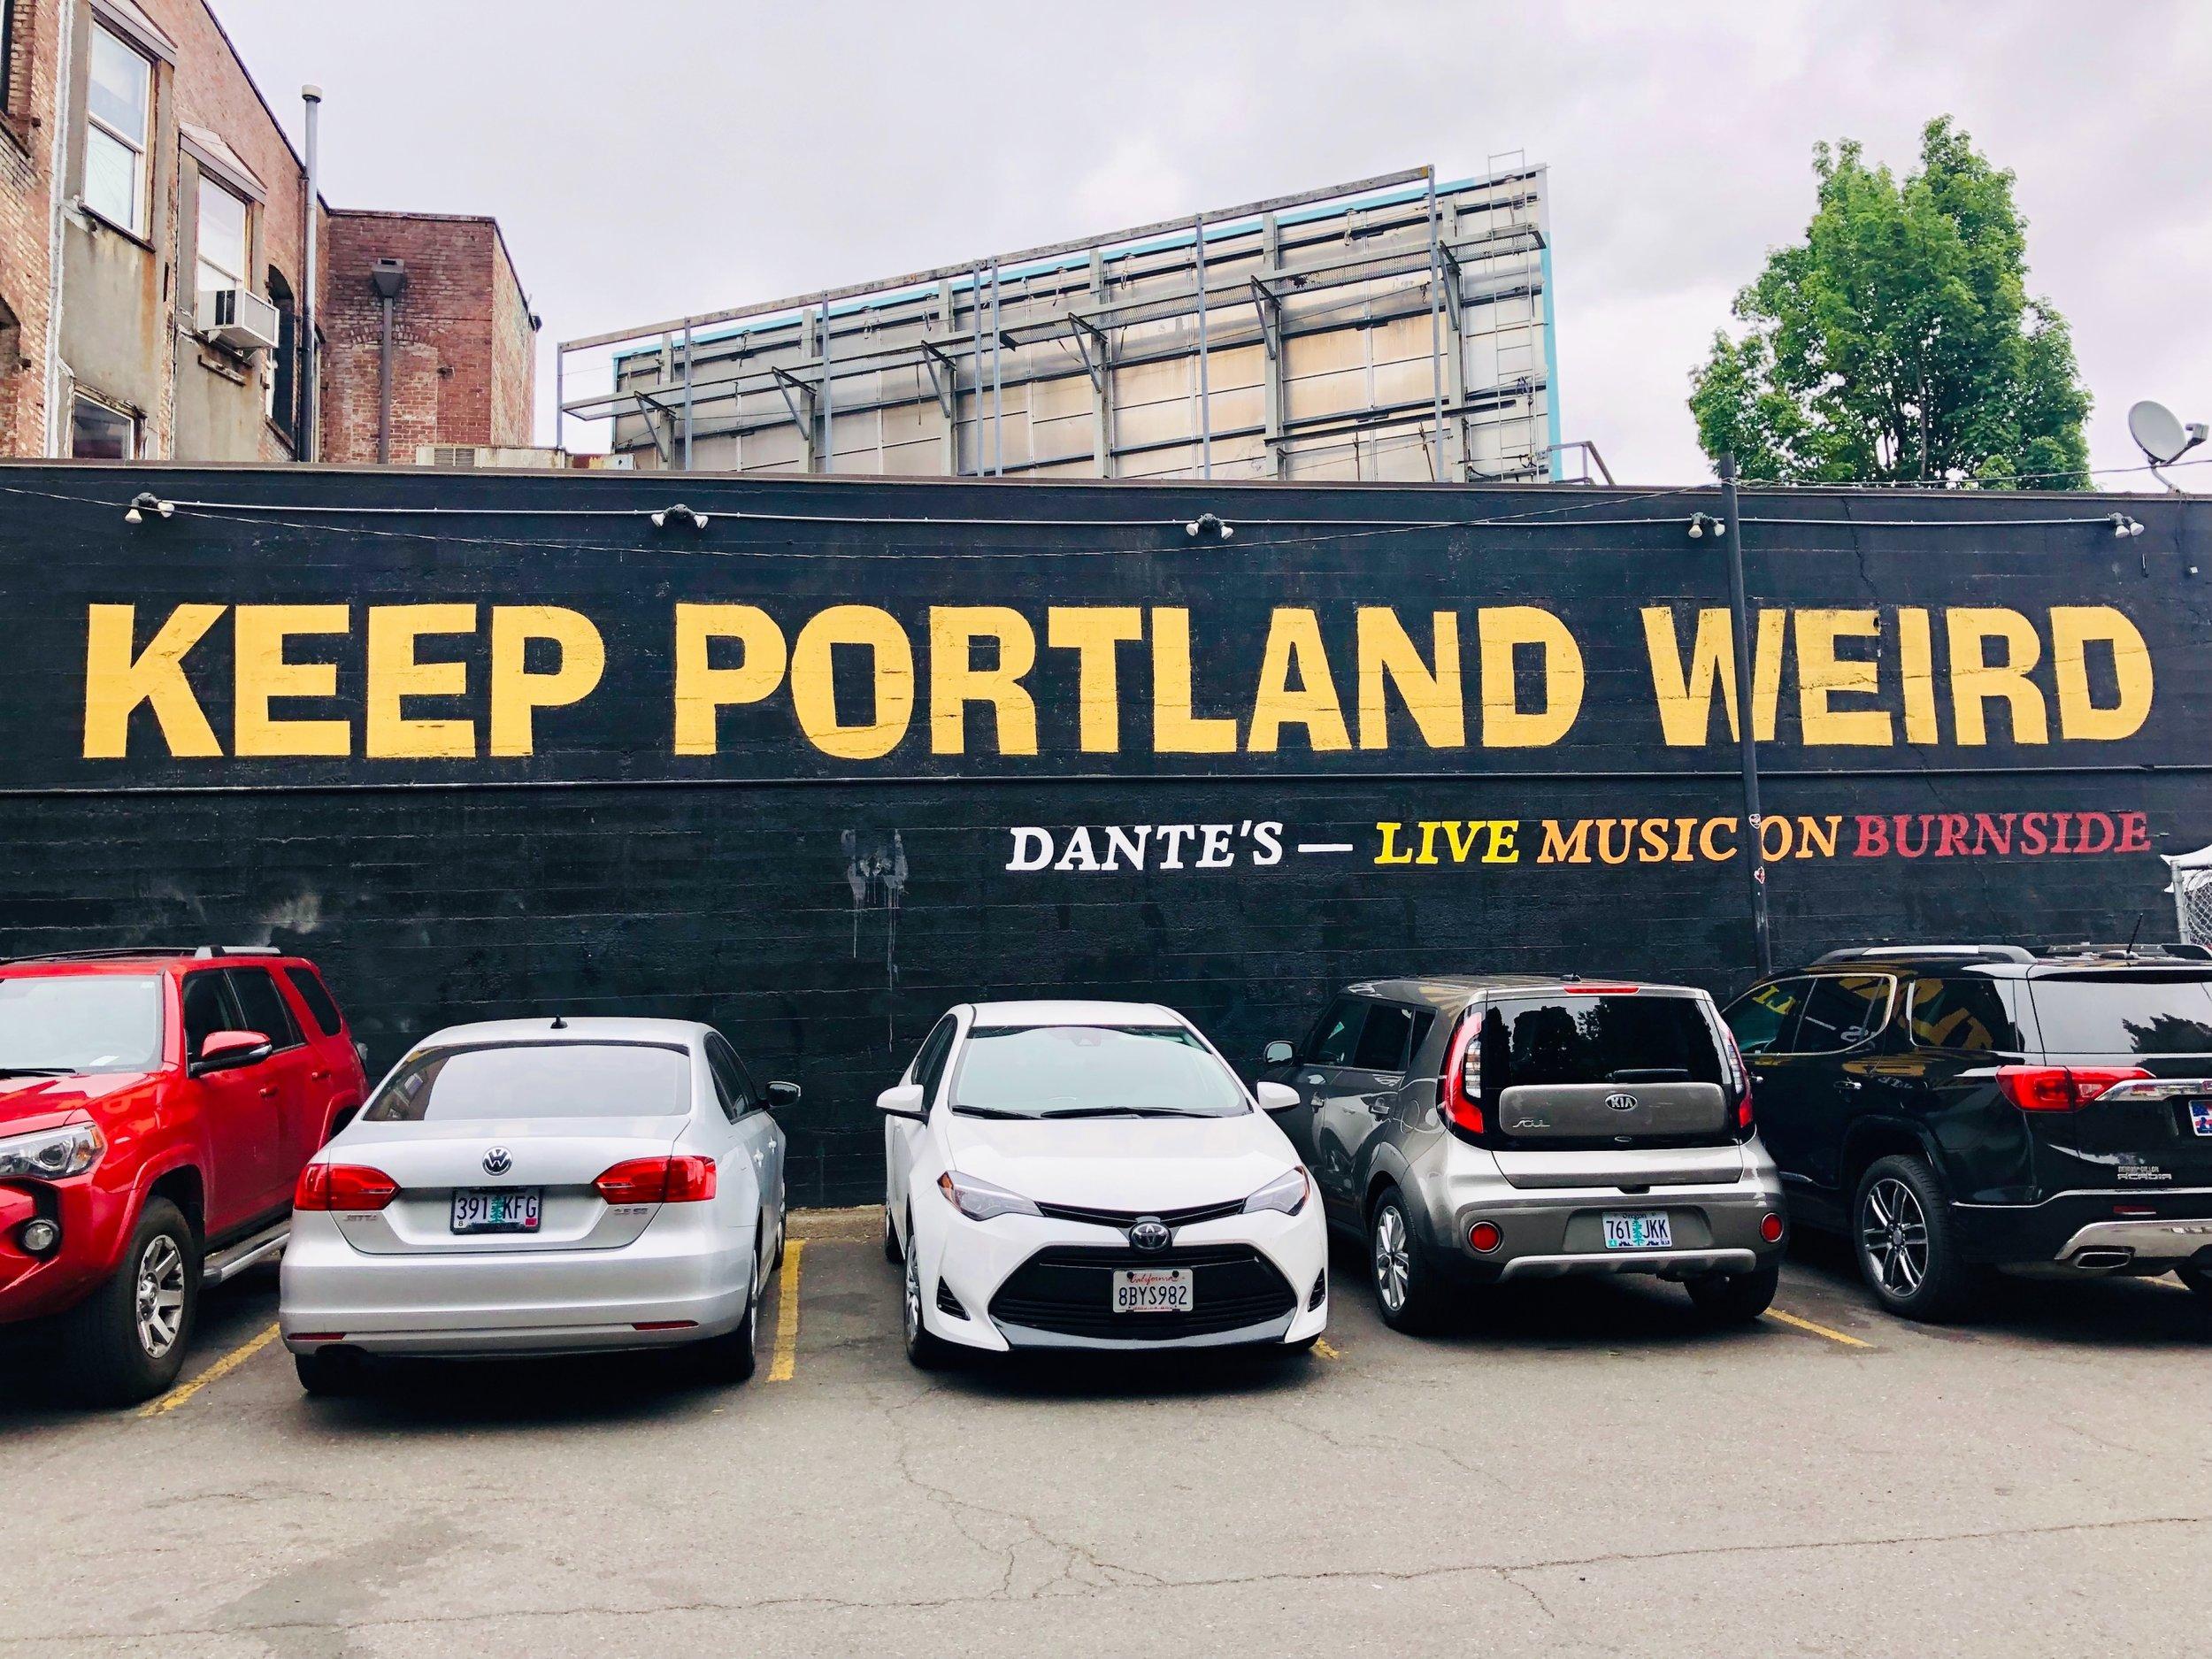 keepportlandweird.jpg